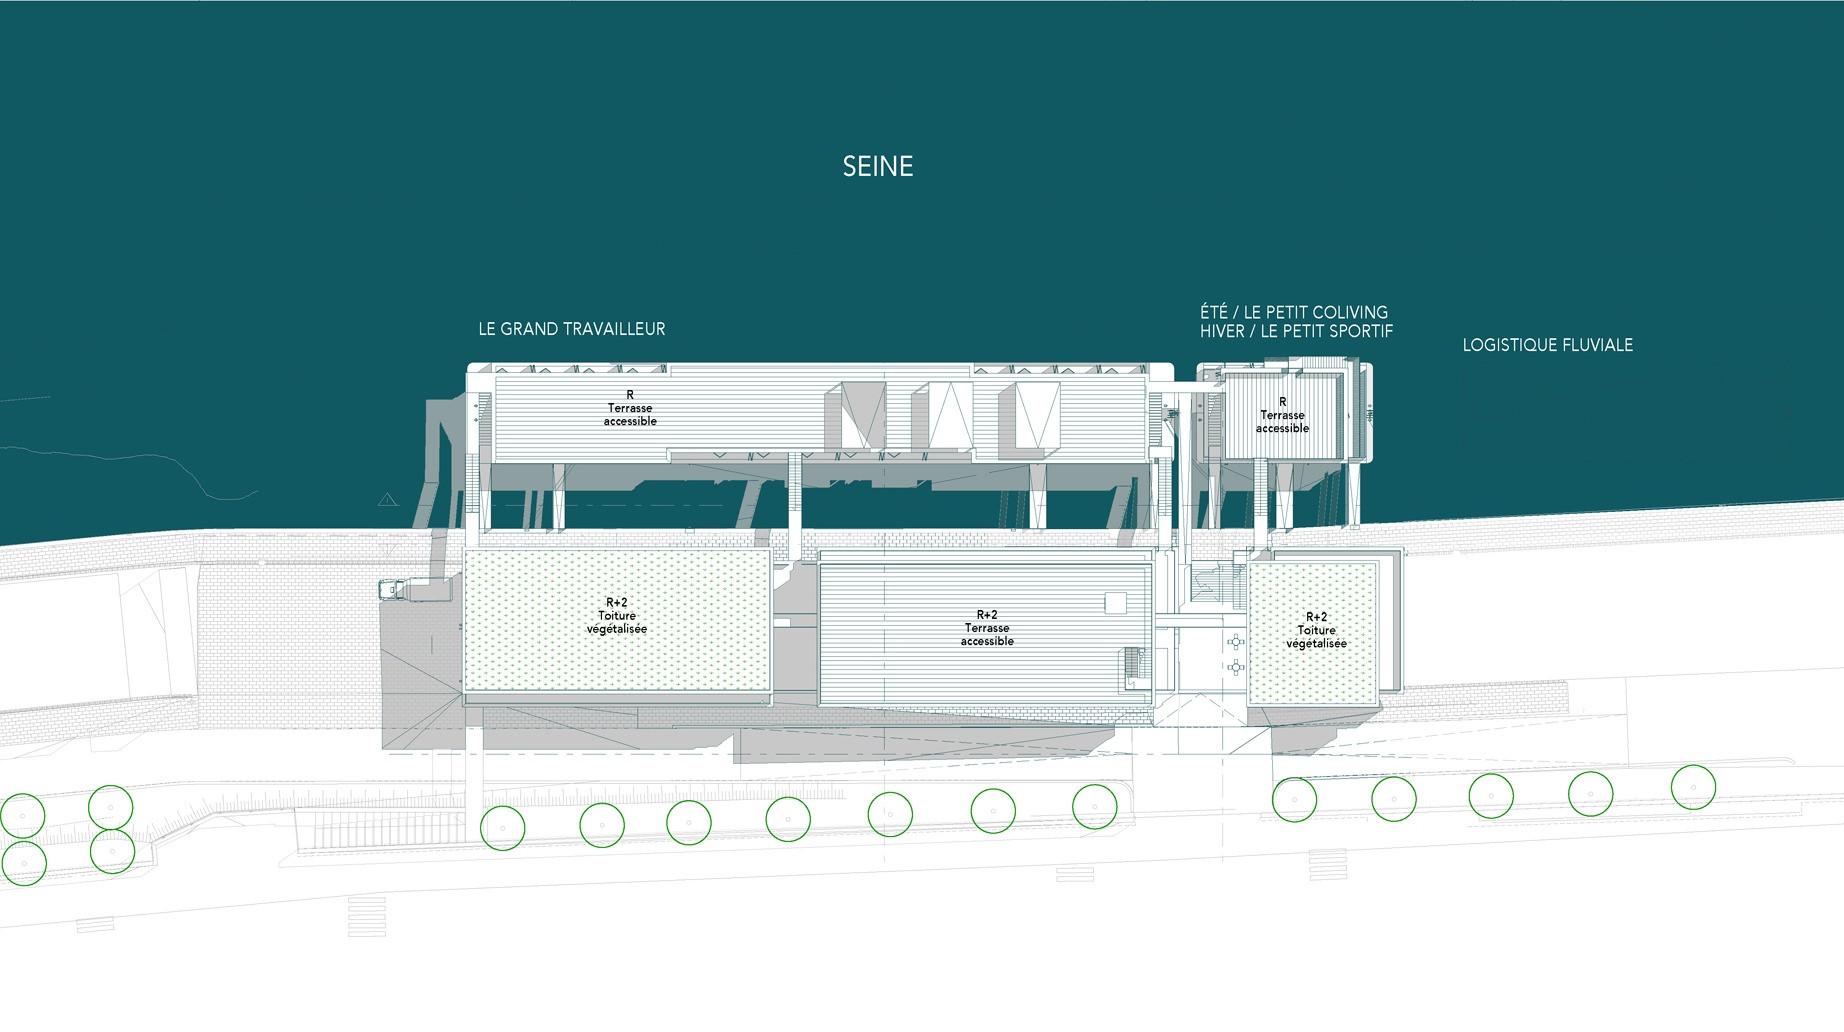 Plan masse du site de Tolbiac